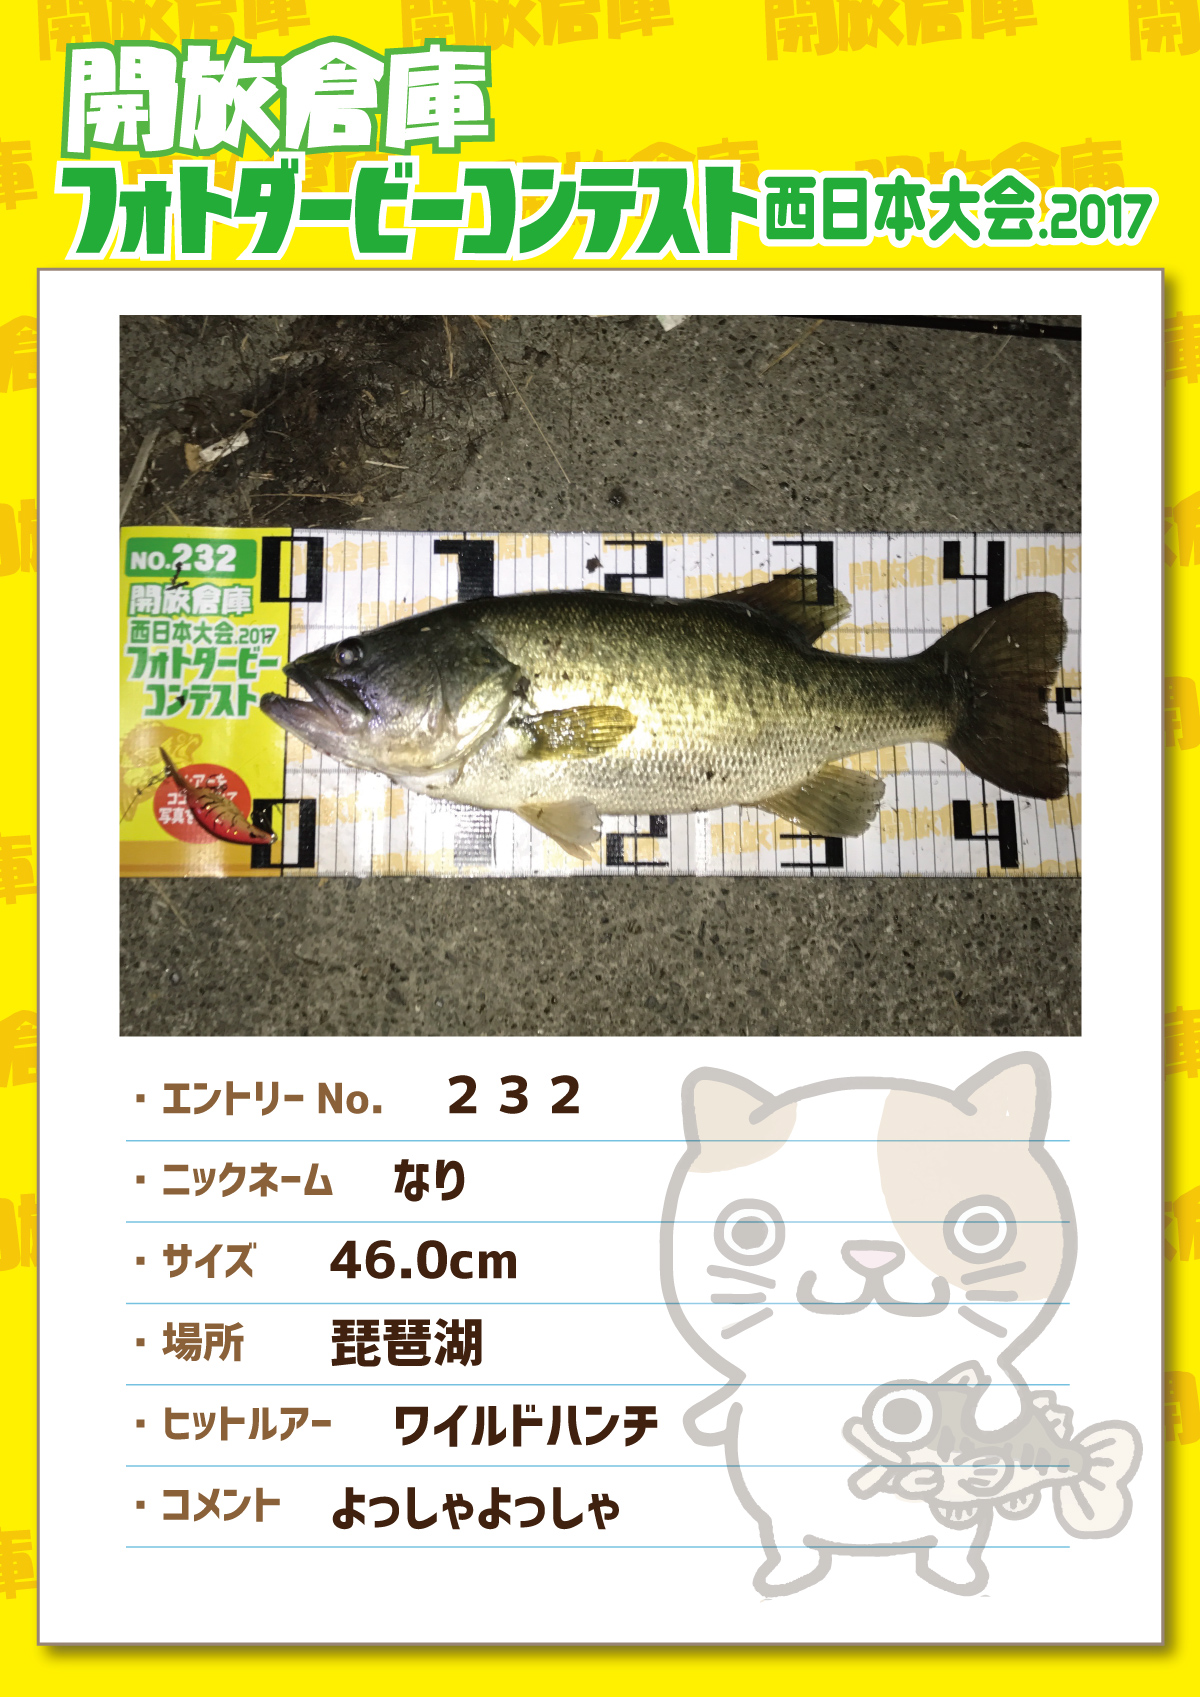 No.232 なり 46.0cm 琵琶湖 ワイルドハンチ よっしゃよっしゃ